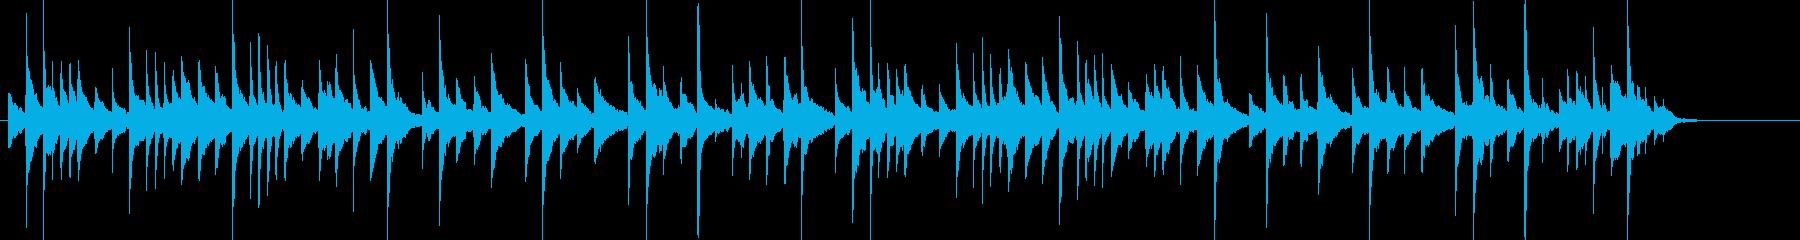 クリスマス定番曲の可愛いミニピアノ演奏の再生済みの波形